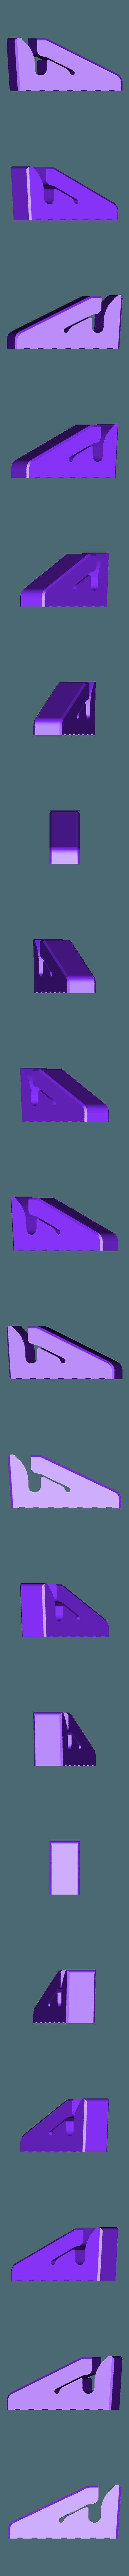 Canister_Feet_v3-4_Wide_PET.STL Télécharger fichier STL gratuit Pied stabilisateur pour bidon d'isopropane • Plan à imprimer en 3D, WalterHsiao